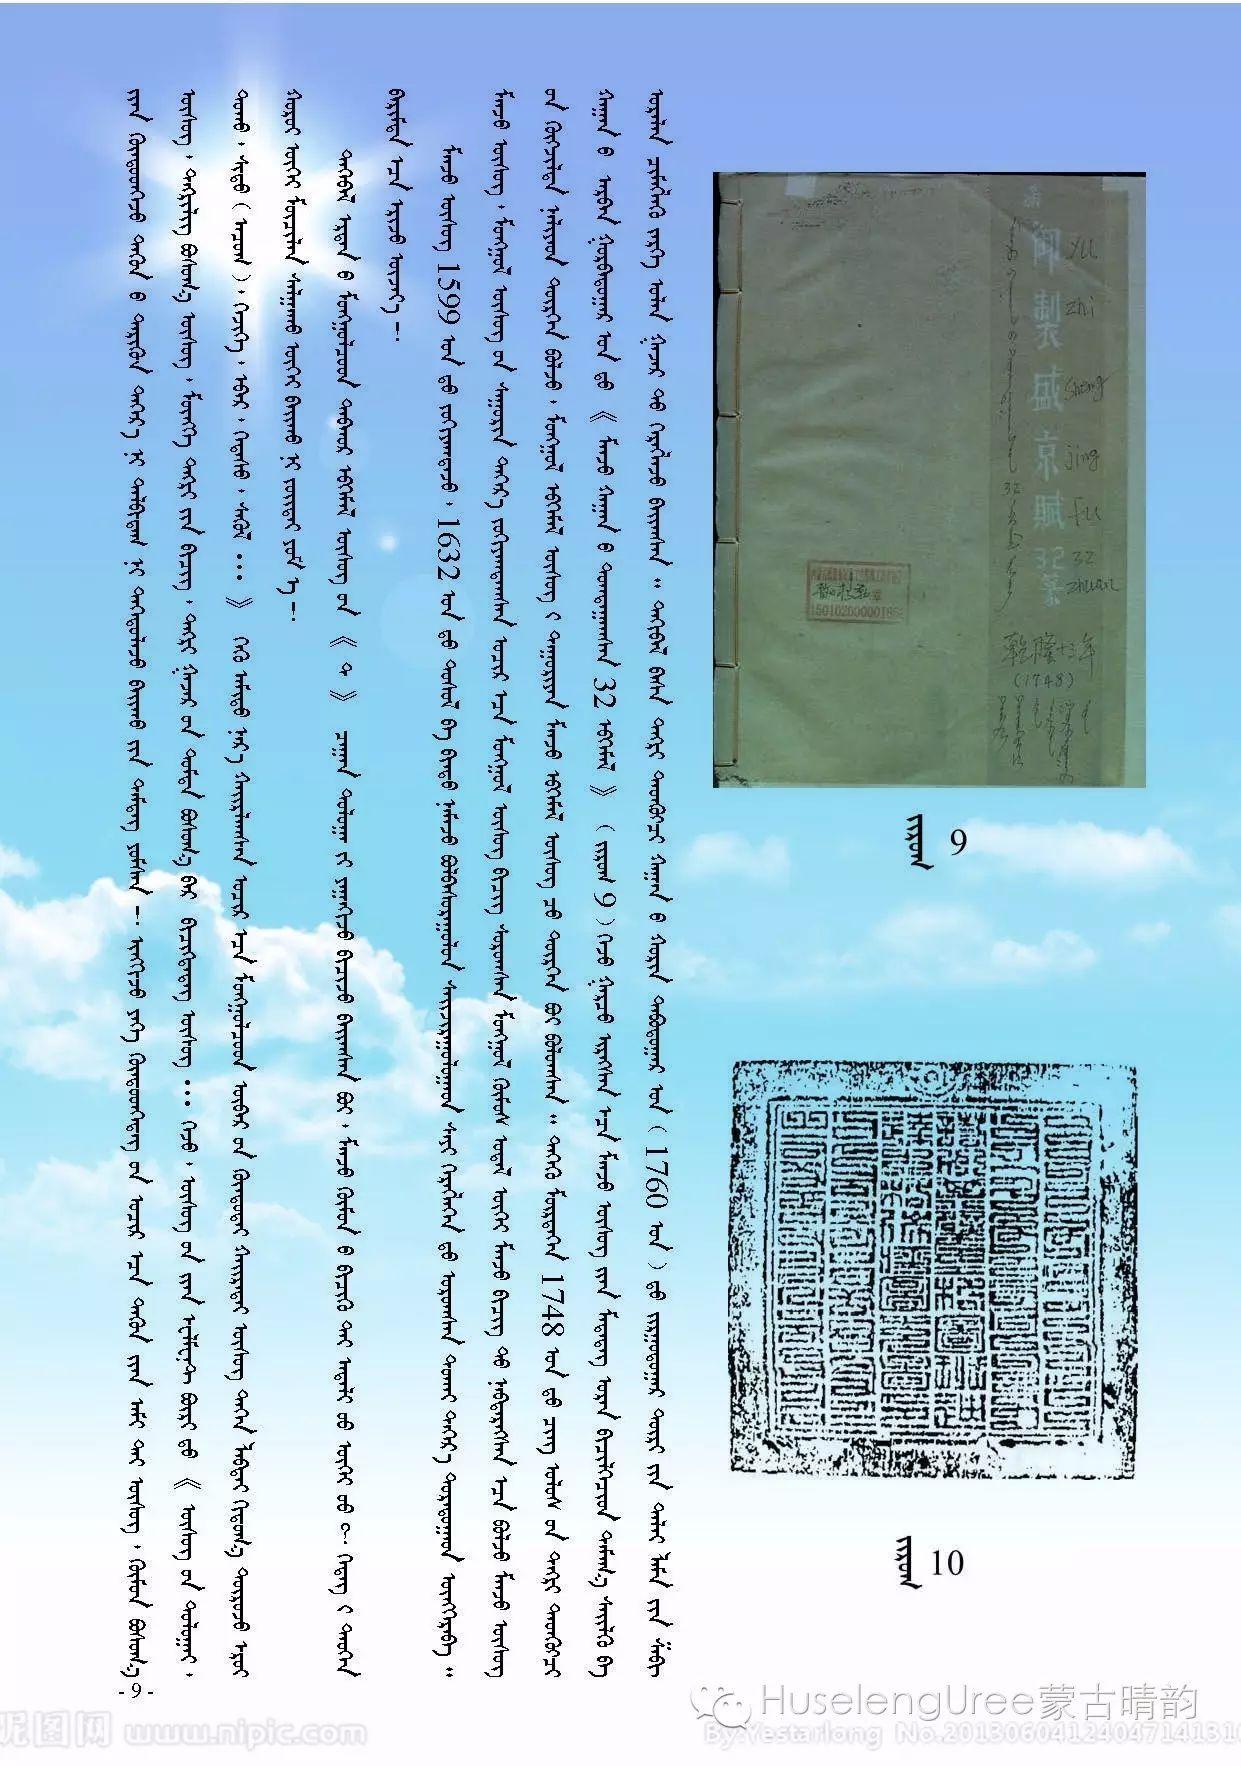 著名书法家-巴 · 敖日格勒 (论文1)(蒙古文) 第9张